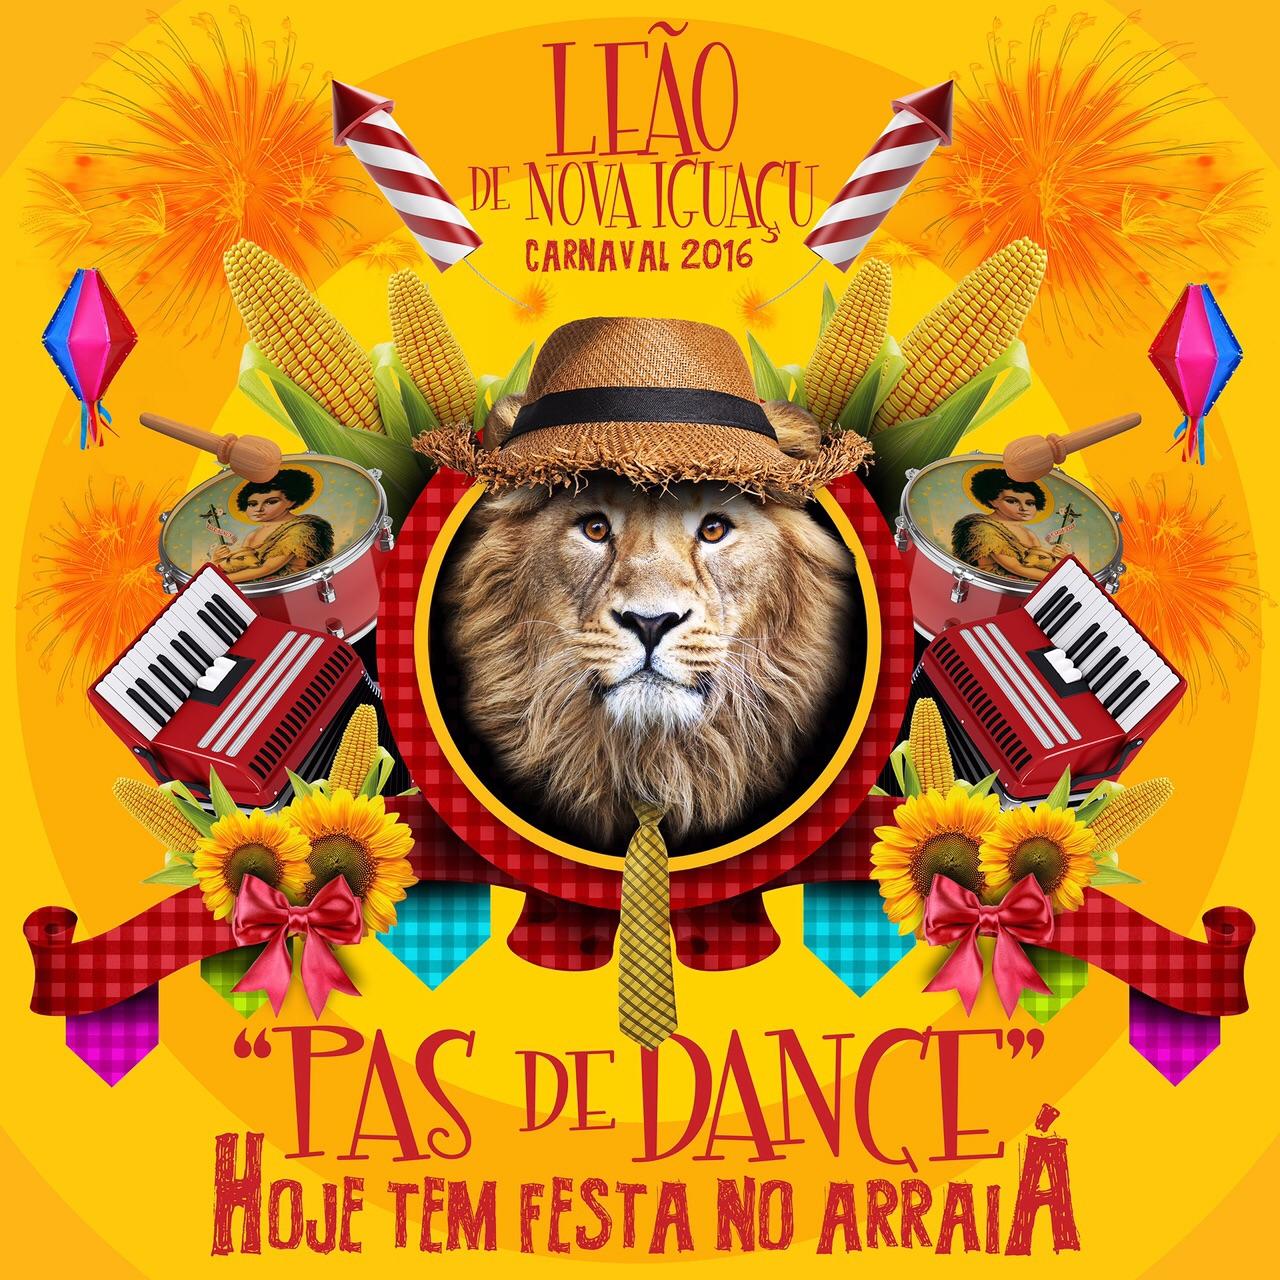 Leão de Nova Iguaçu divulga sinopse